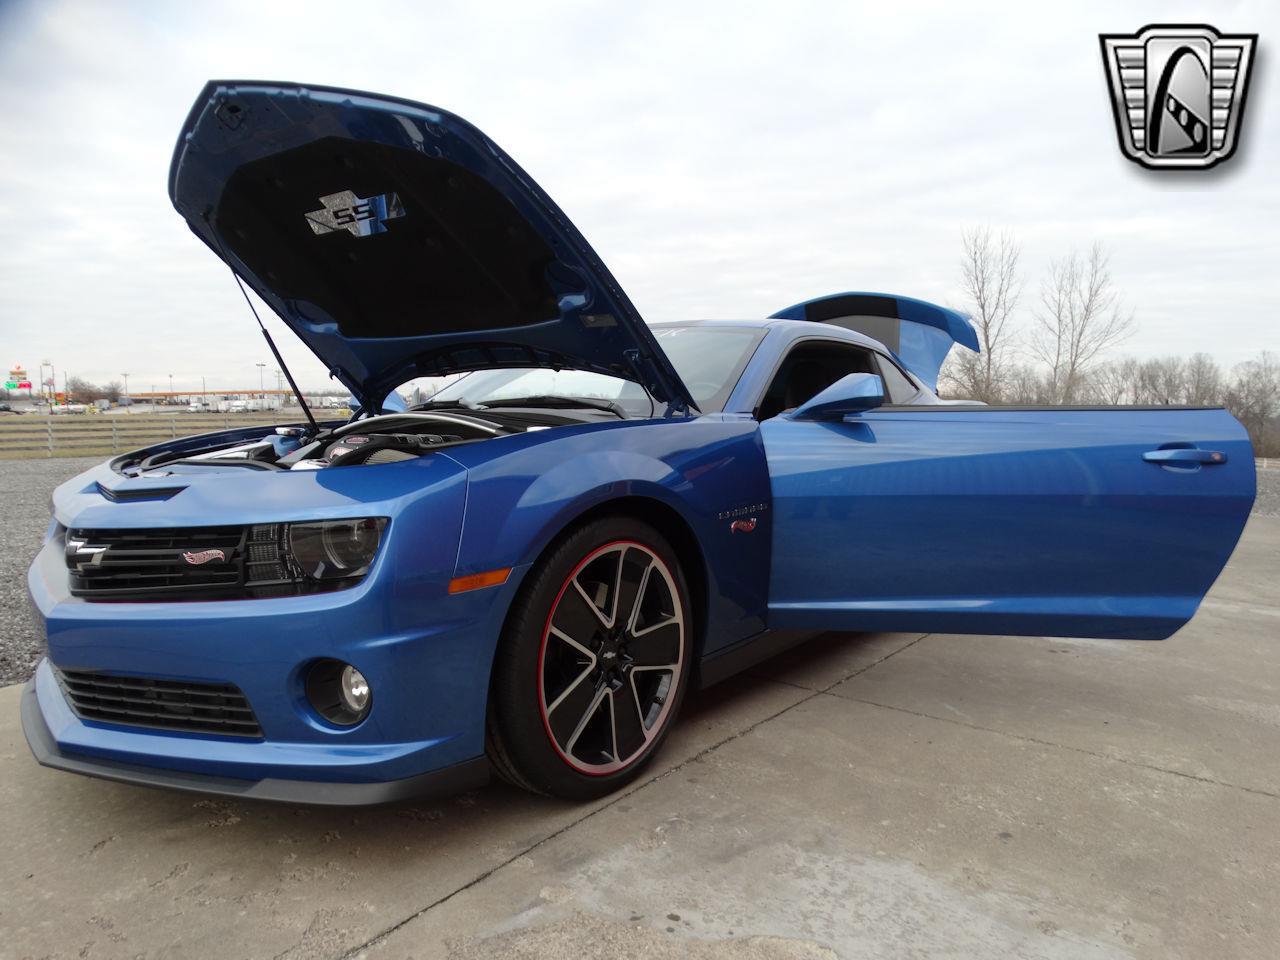 2013 Chevrolet Camaro (CC-1341828) for sale in O'Fallon, Illinois